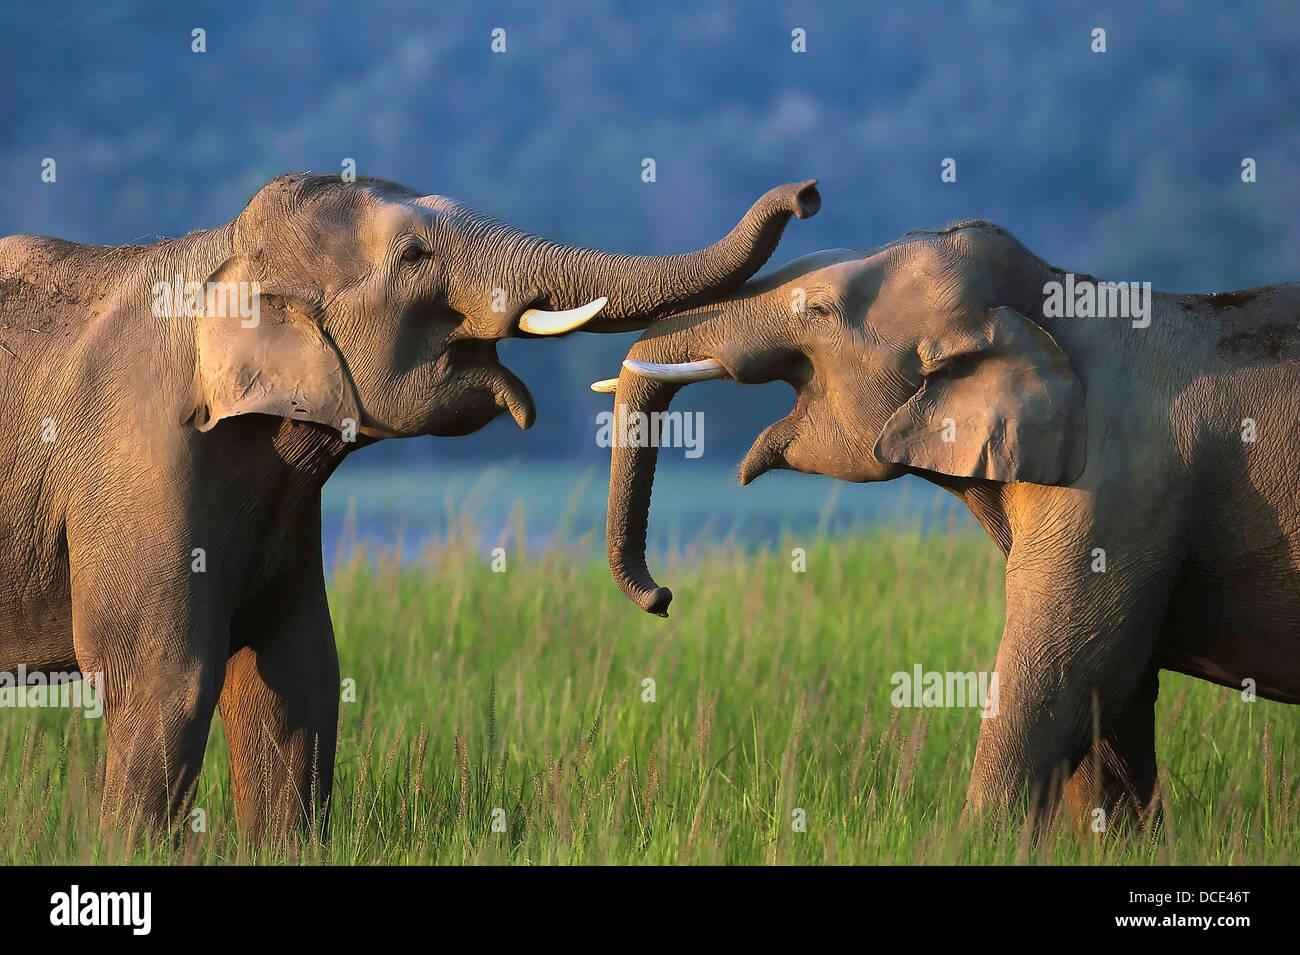 indian-elephant-elephas-maximus-asian-wi